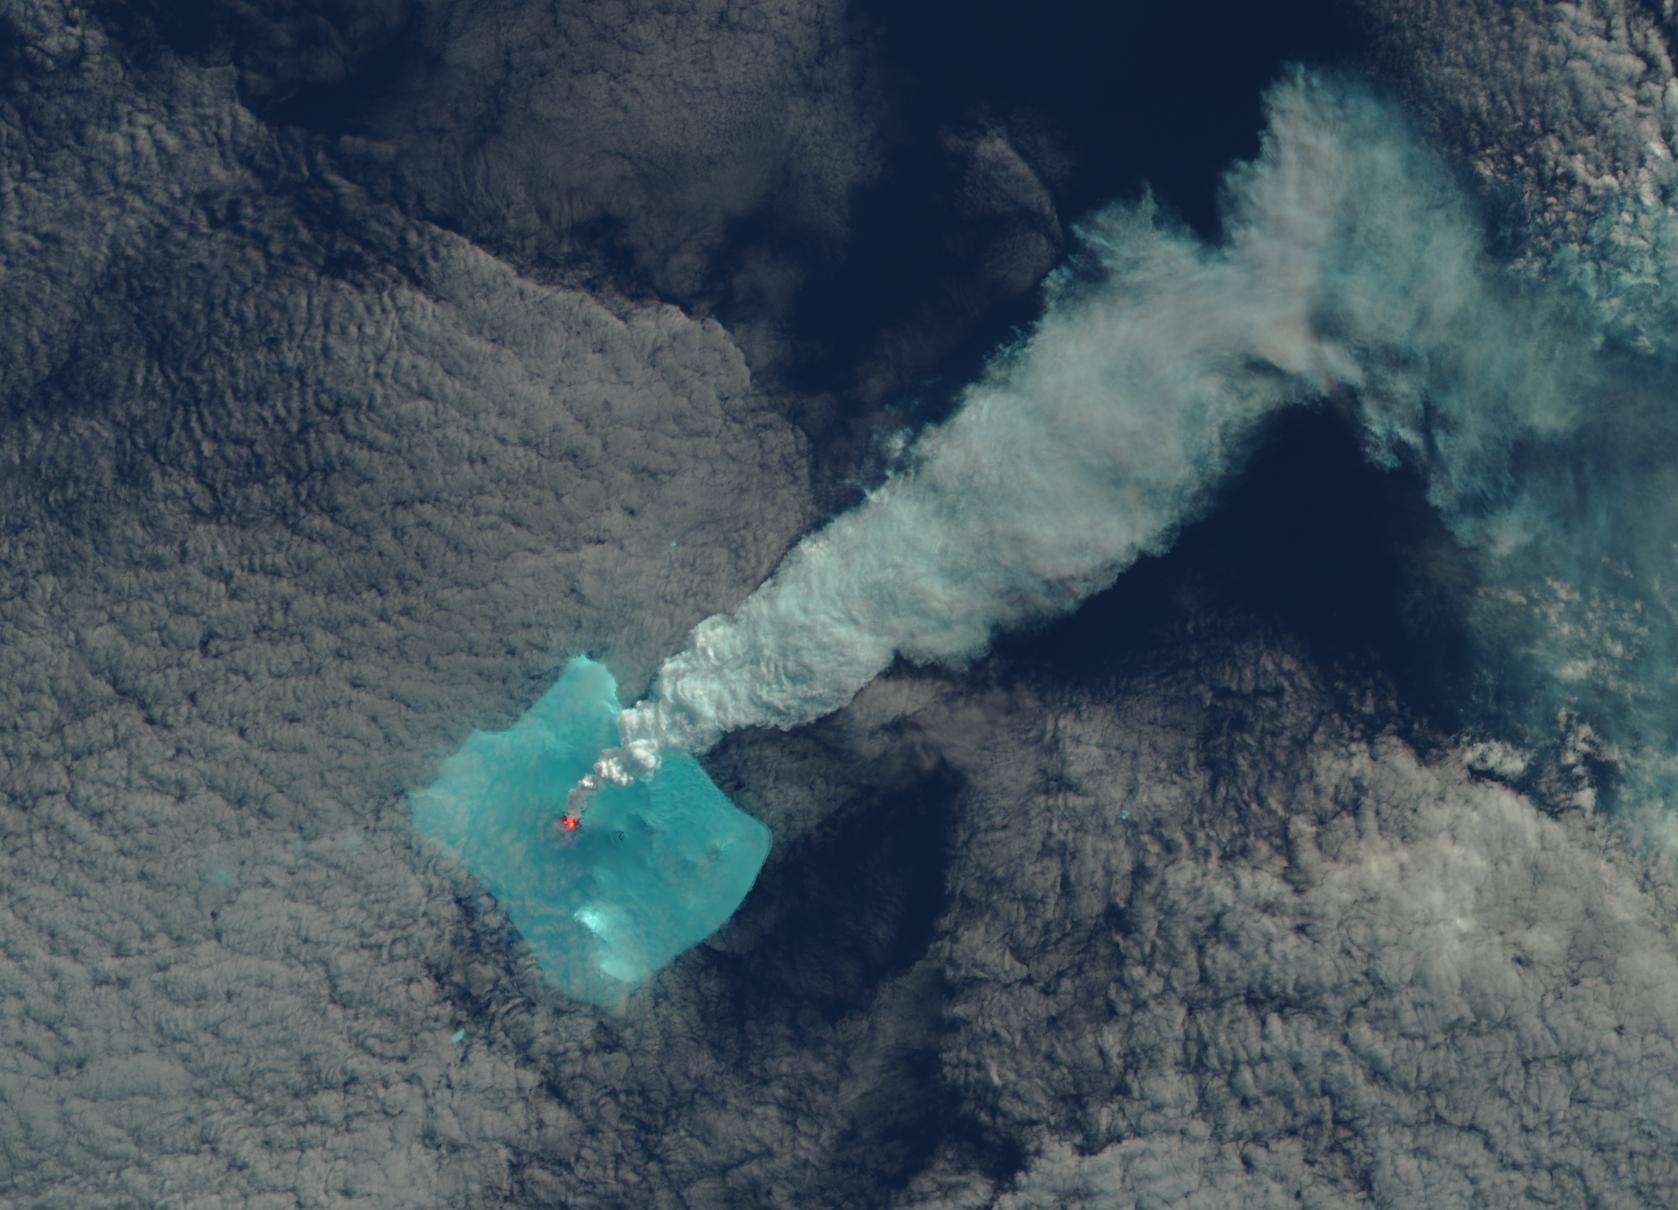 Isla Blanco, 24 de abril de 2016, Landsat 8 OLI, Imagen en Falso Color